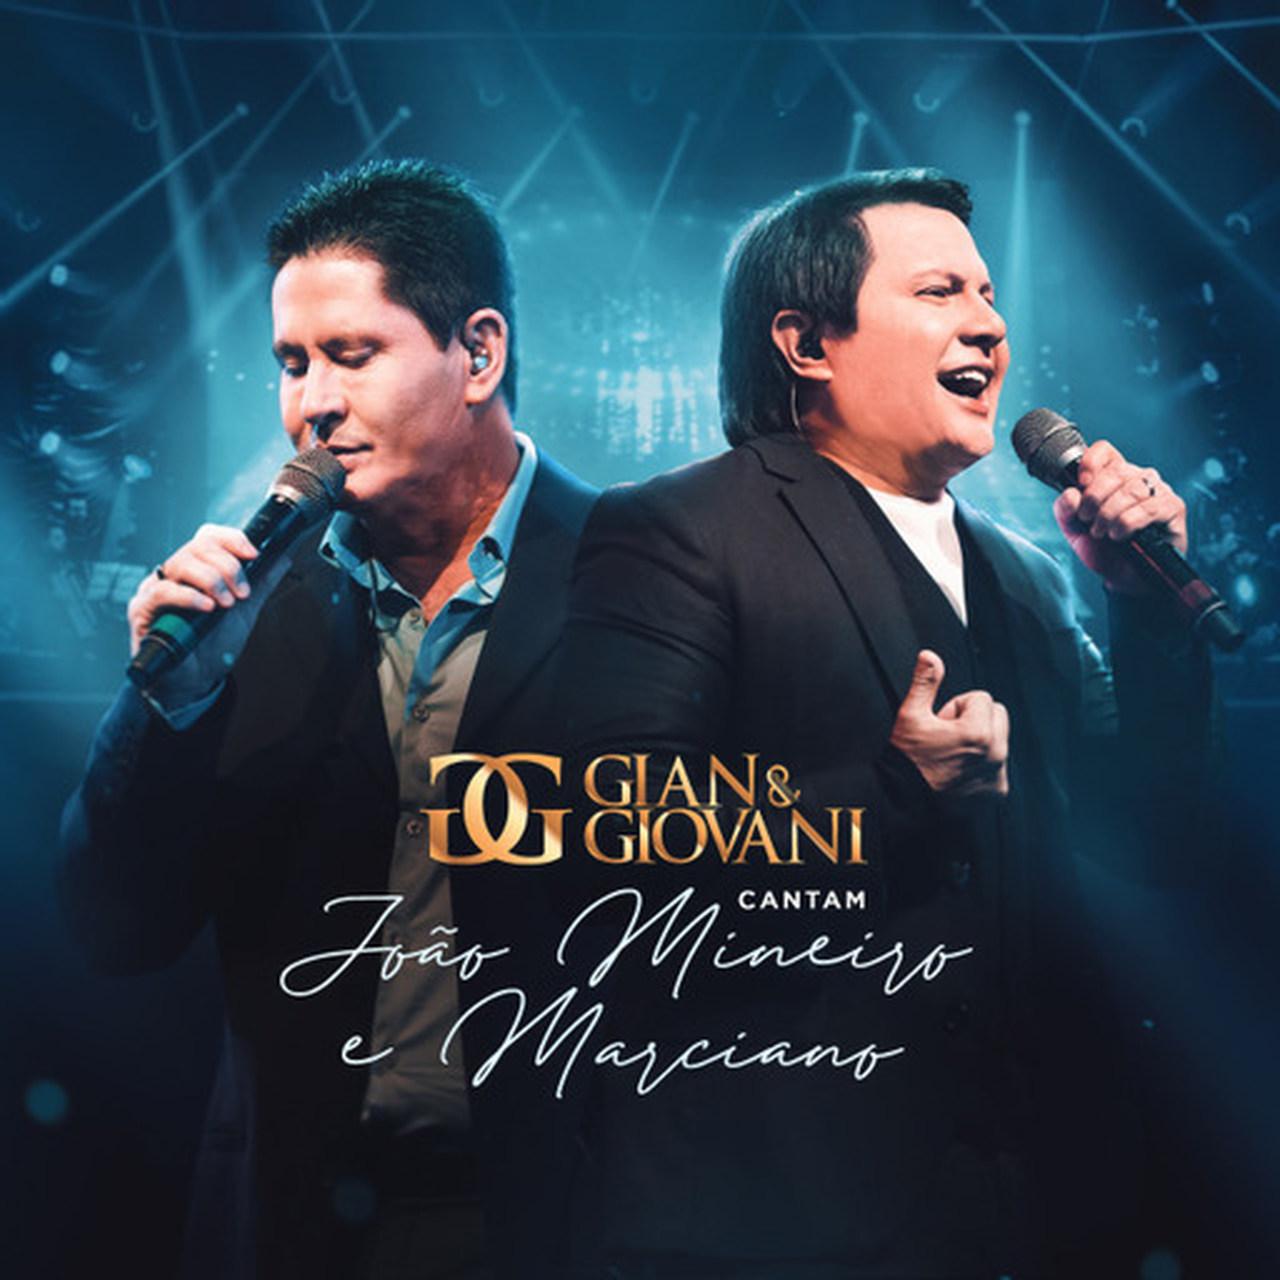 """Gian & Giovani apresentam 15 faixas do novo álbum """"Gian & Giovani cantam João Mineiro e Marciano"""" 41"""